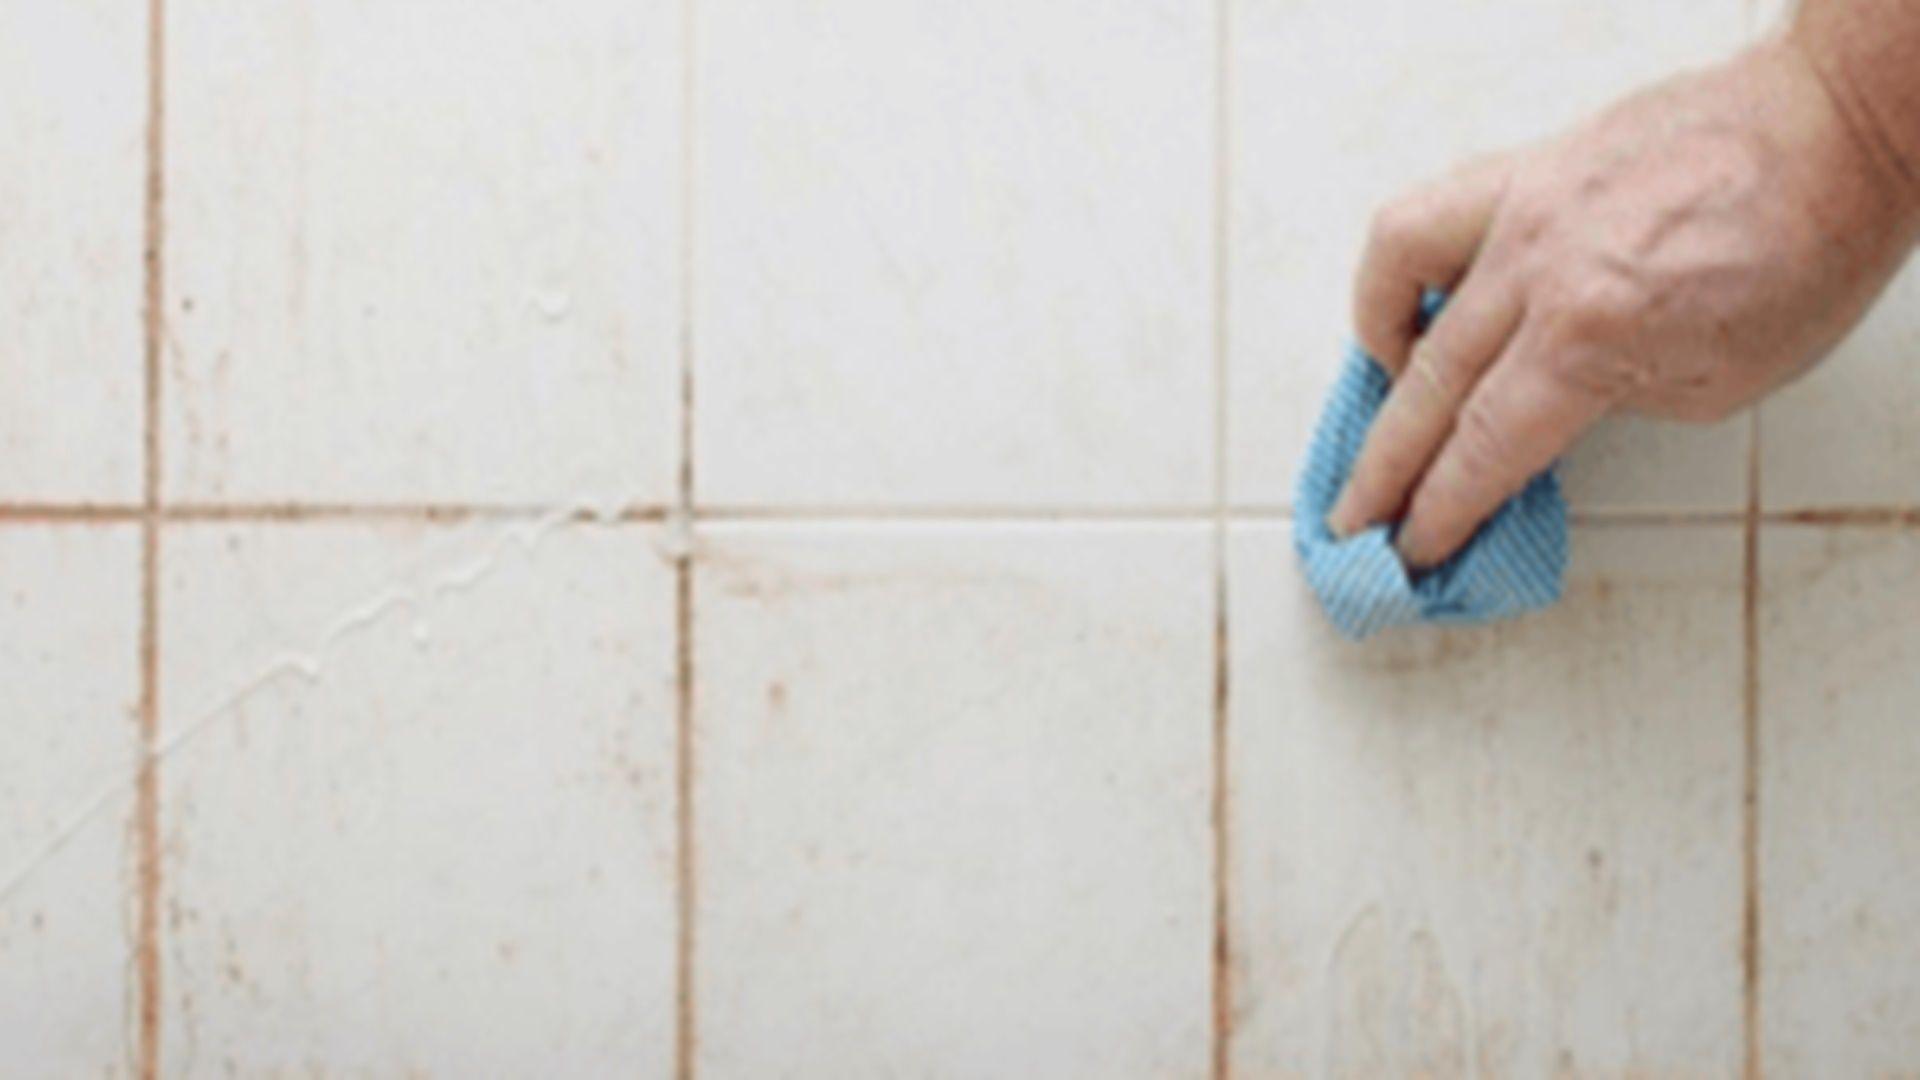 La mayor a de las personas cuando limpian el ba o se recurre a